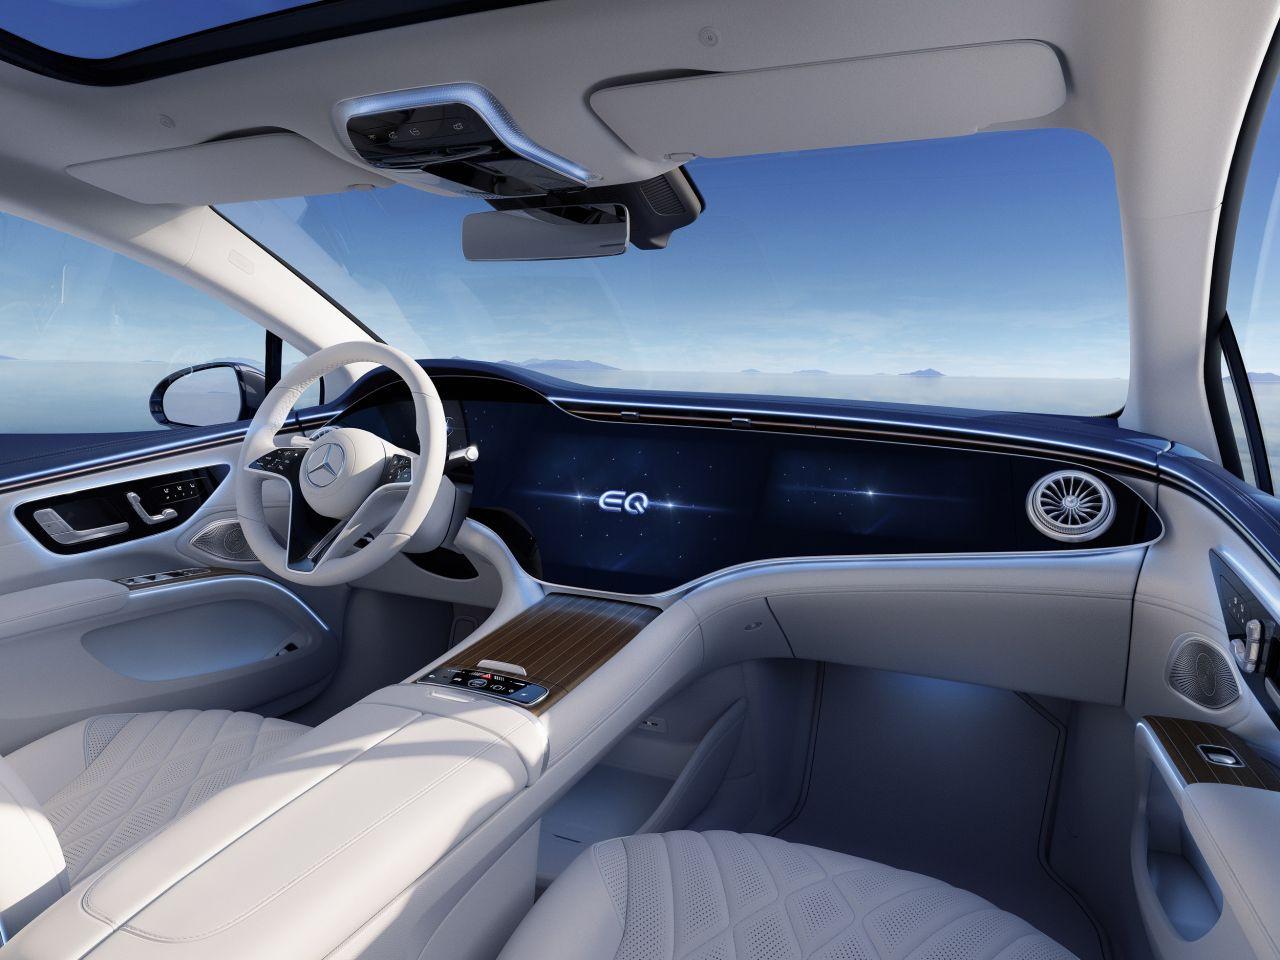 Mercedes'in yeni ''teknolojik'' devrimi: EQS tanıtıldı - Resim: 1